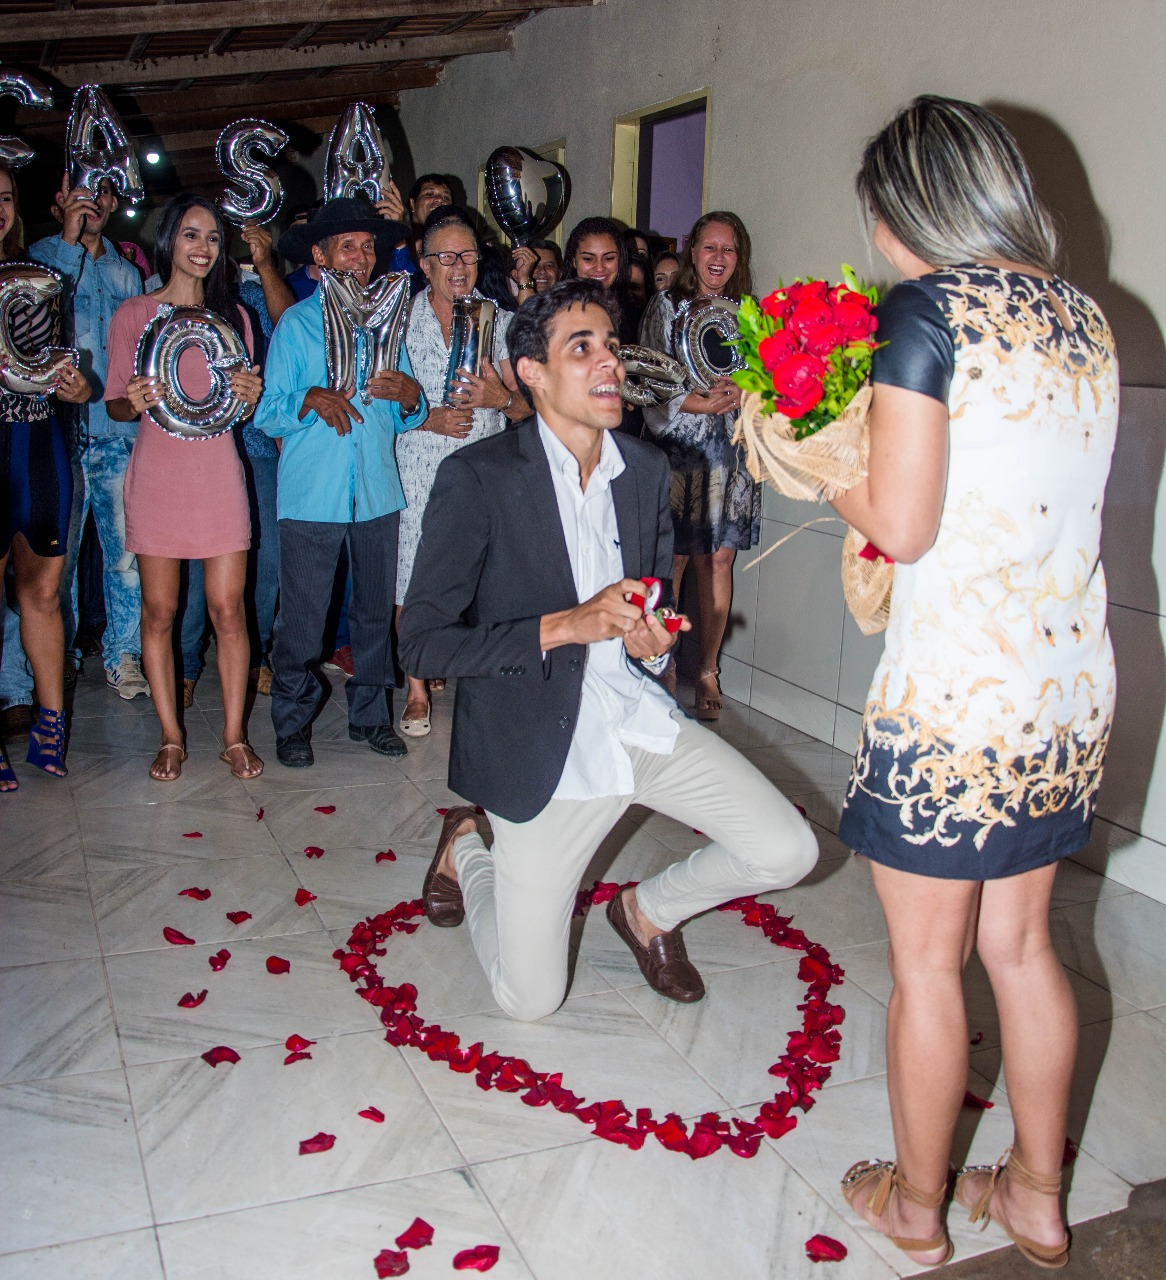 rapaz fazendo um pedido de casamento surpresa sonho